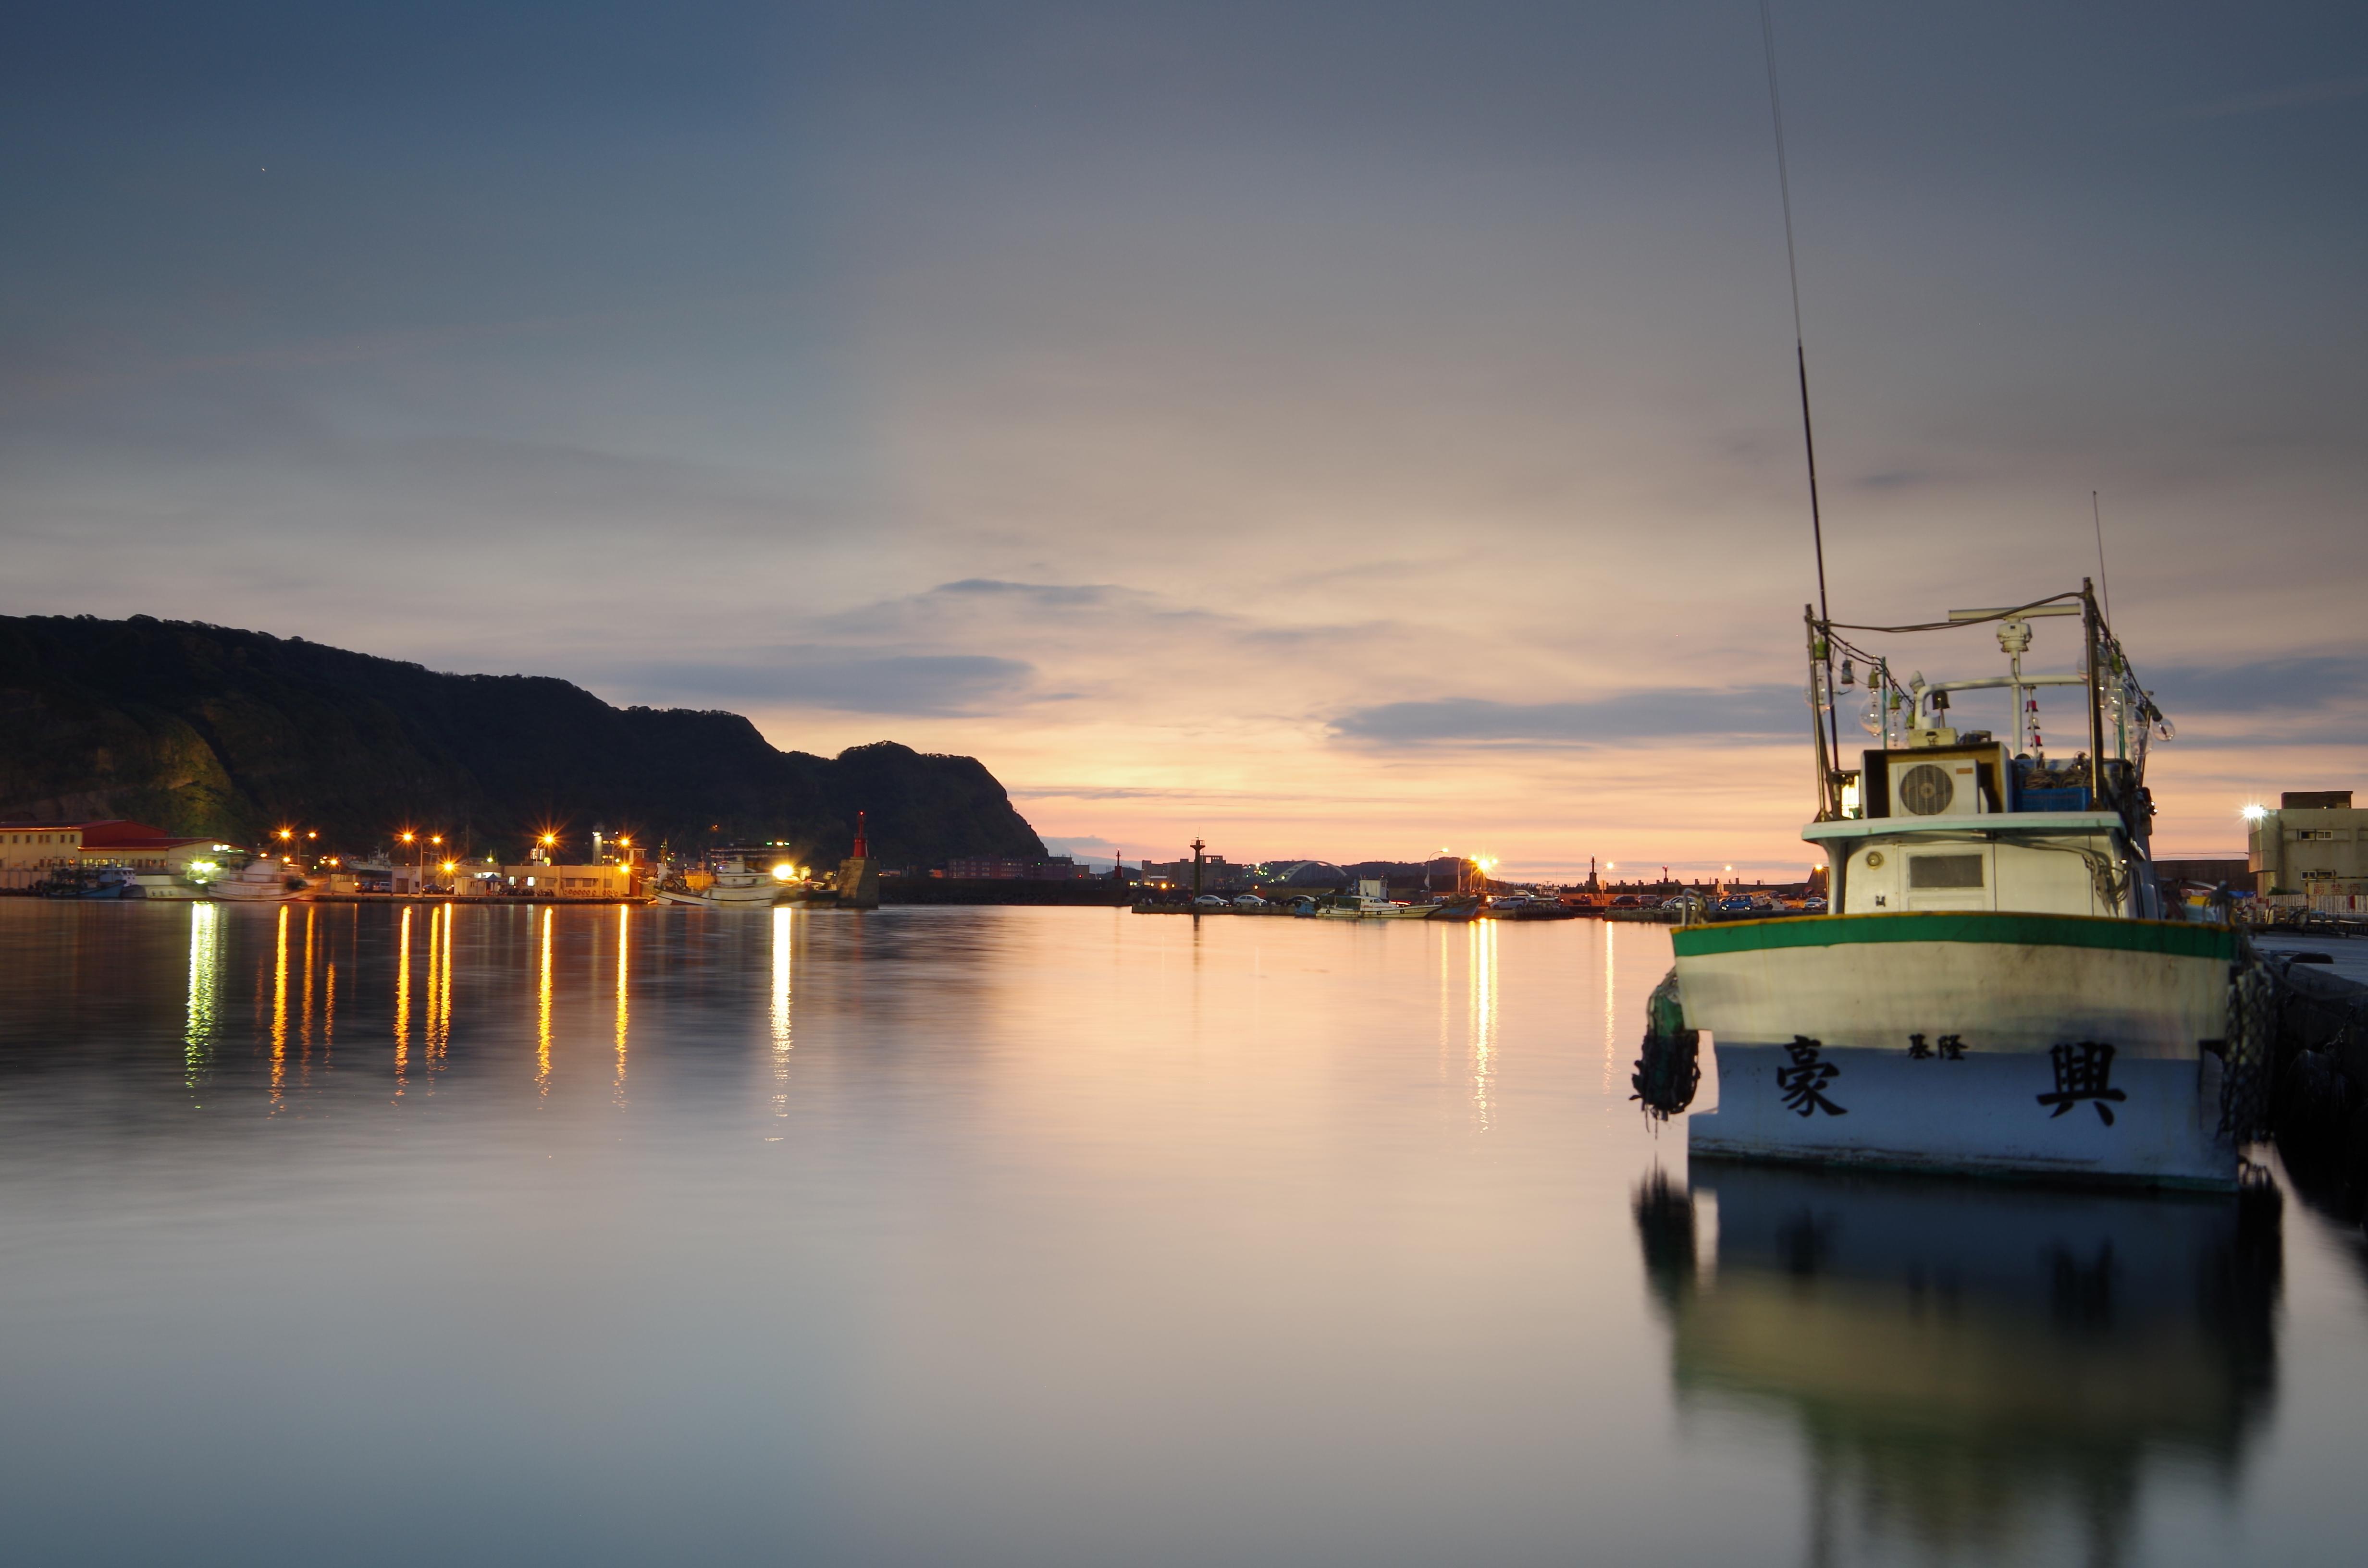 福隆海邊出遊以及第一次搖黑卡拍黃昏